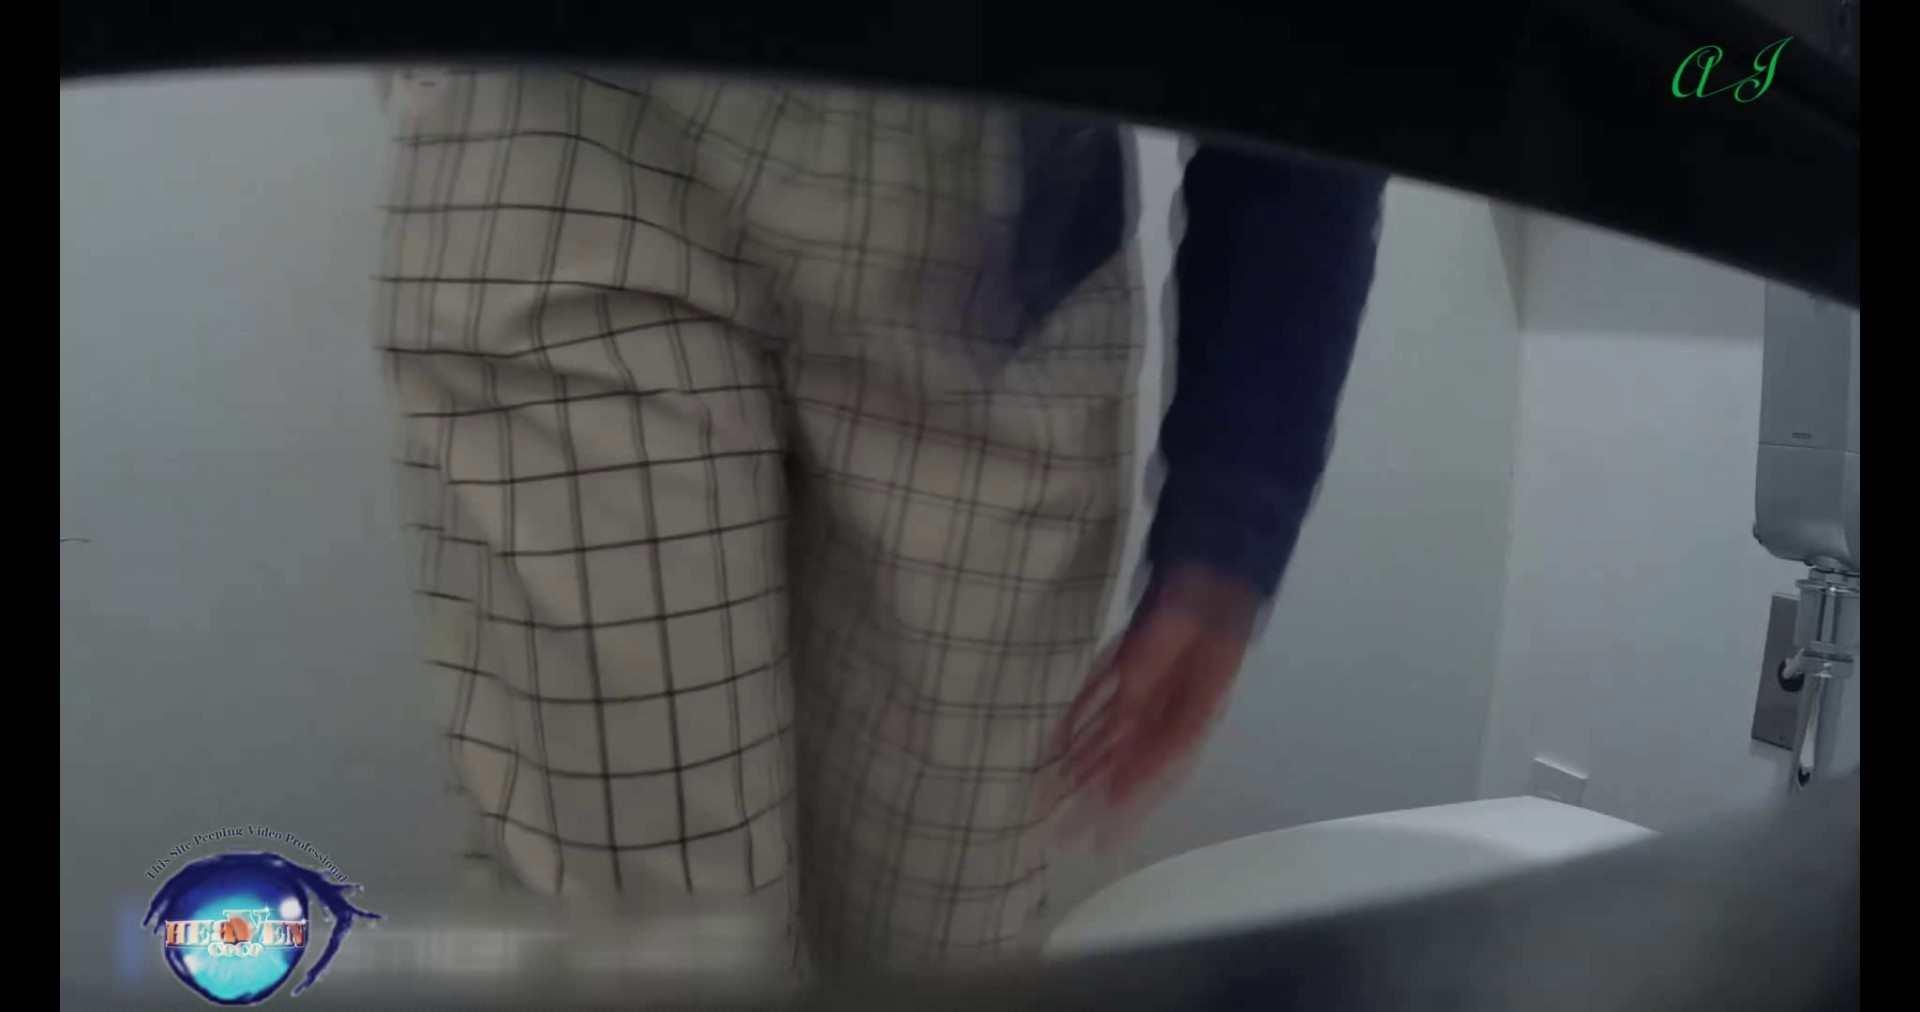 【某有名大学女性洗面所】有名大学女性洗面所 vol.74 前編 洗面所突入   和式トイレ  77pic 21